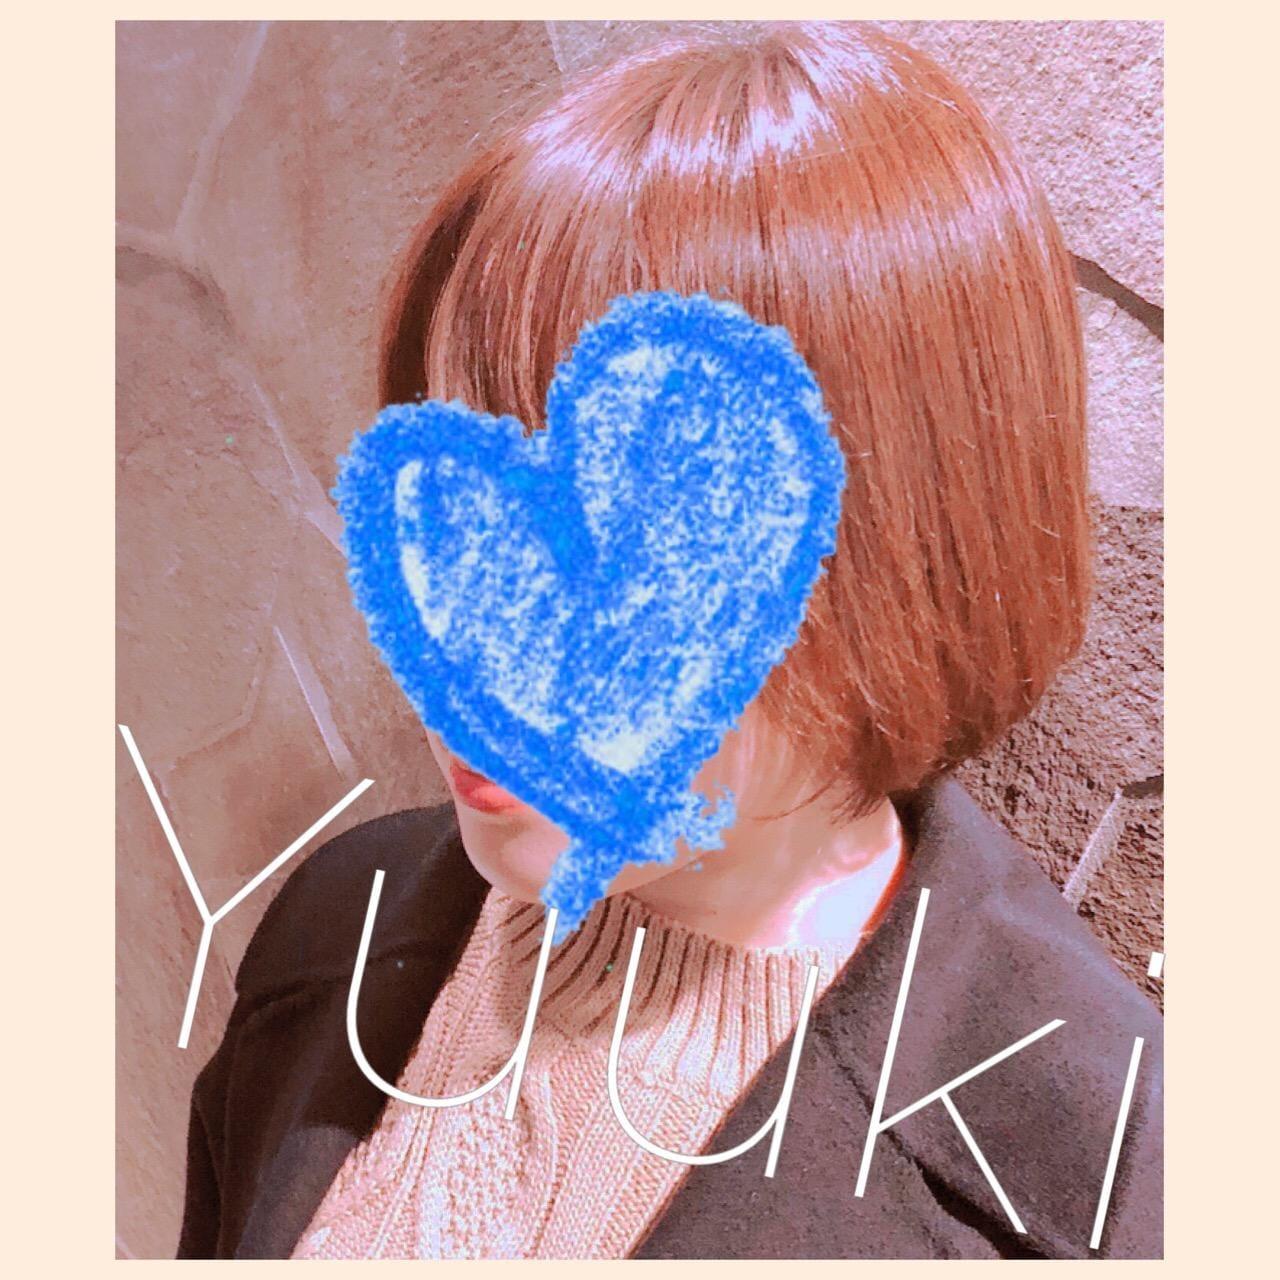 「ゆうきちゃん♪」06/06(土) 21:09 | ゆうきの写メ・風俗動画